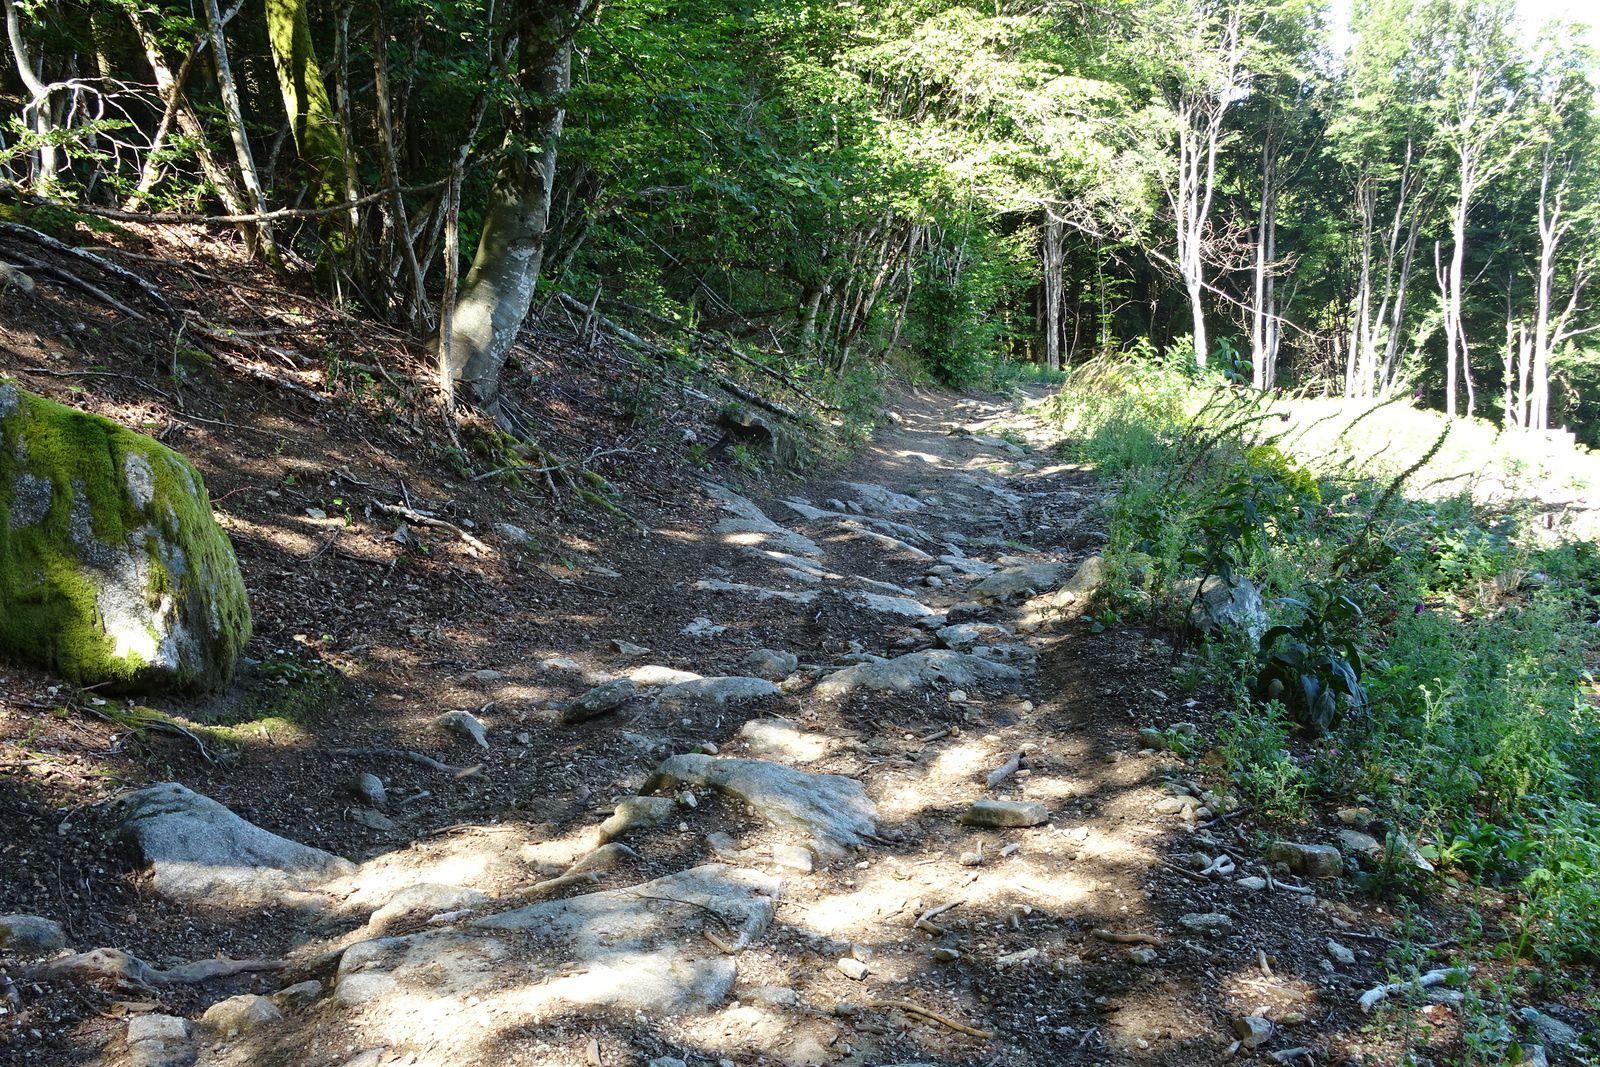 Sur les trois derniers kilomètres, les sentiers étaient mieux mais 3 sur 50 ce n'est pas assez !